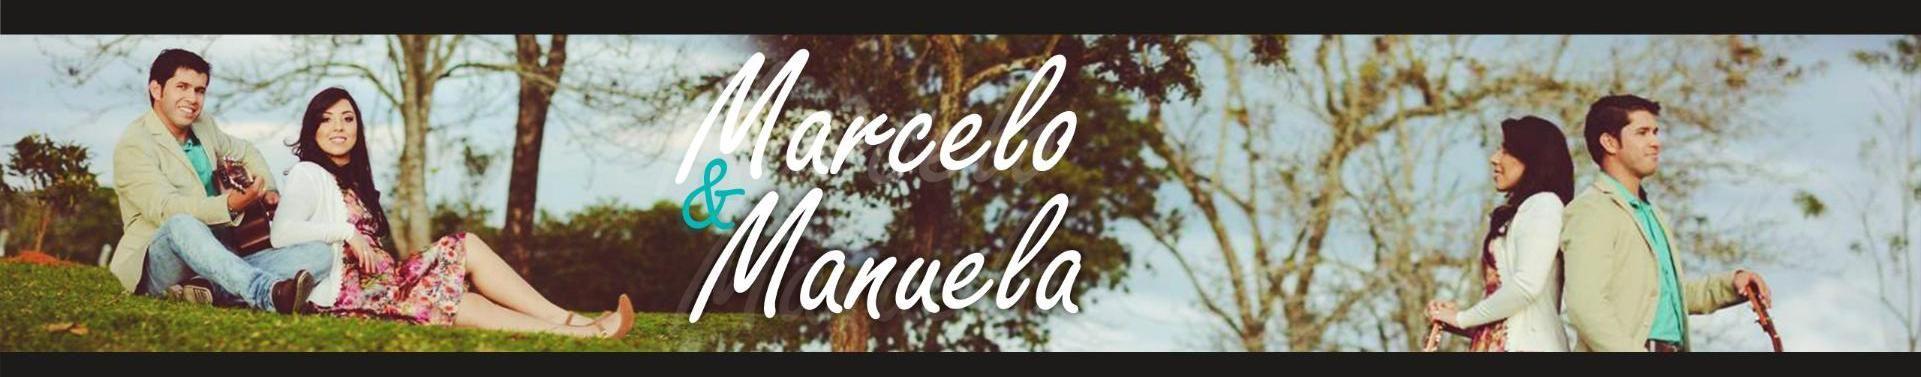 Imagem de capa de Marcelo e Manuela